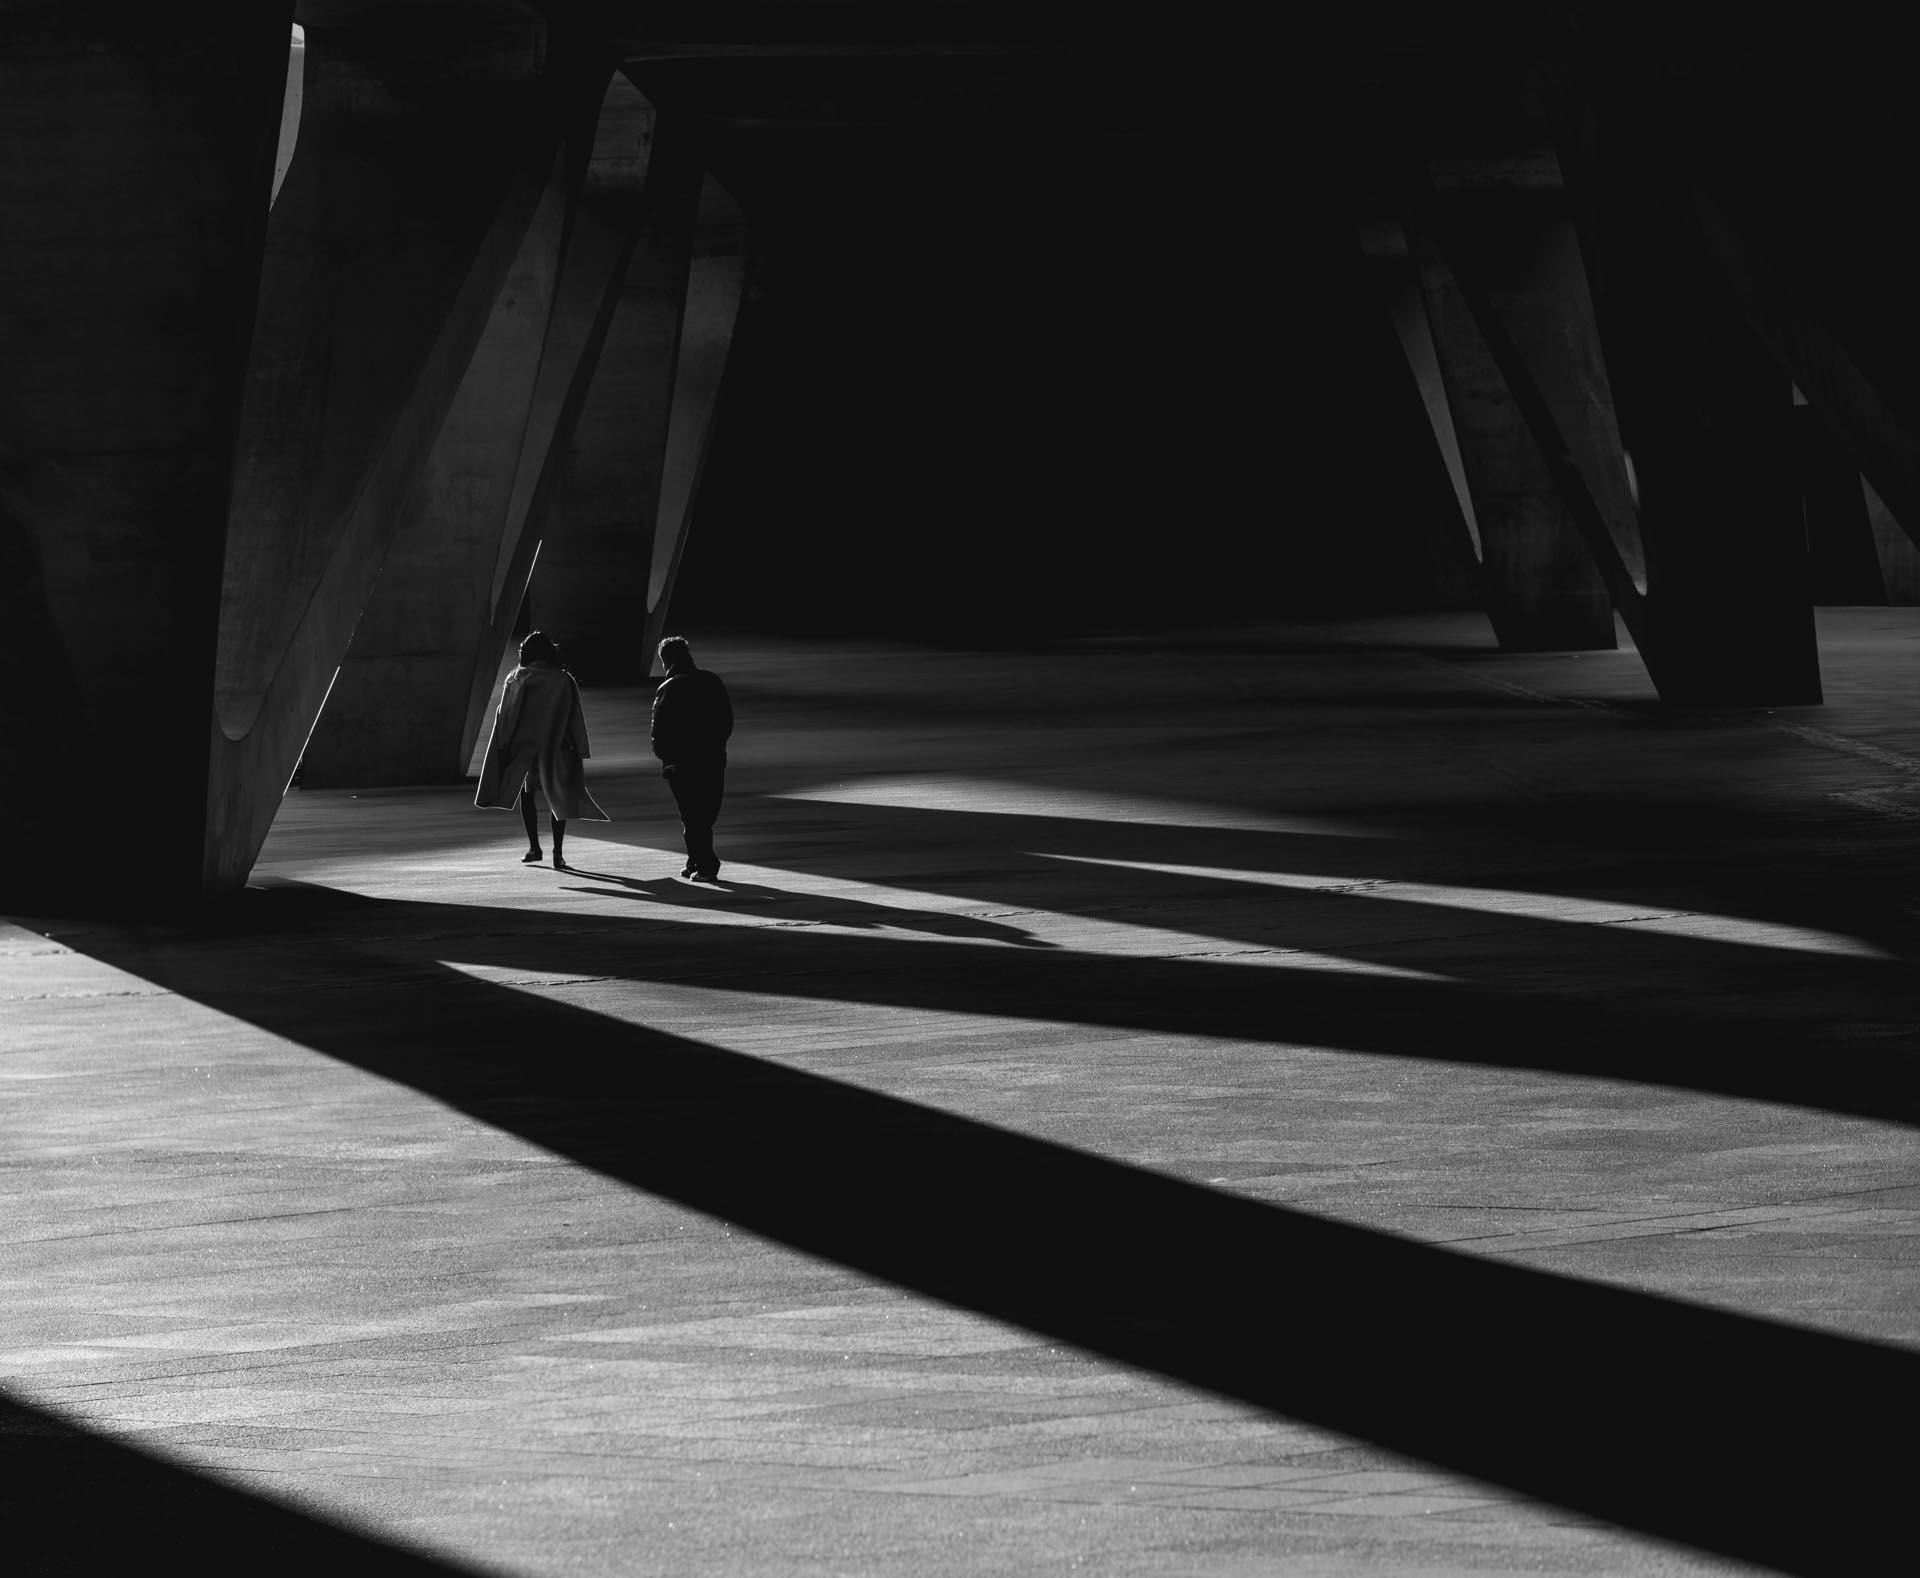 Shadows at the Dongdaemun Design Plaza